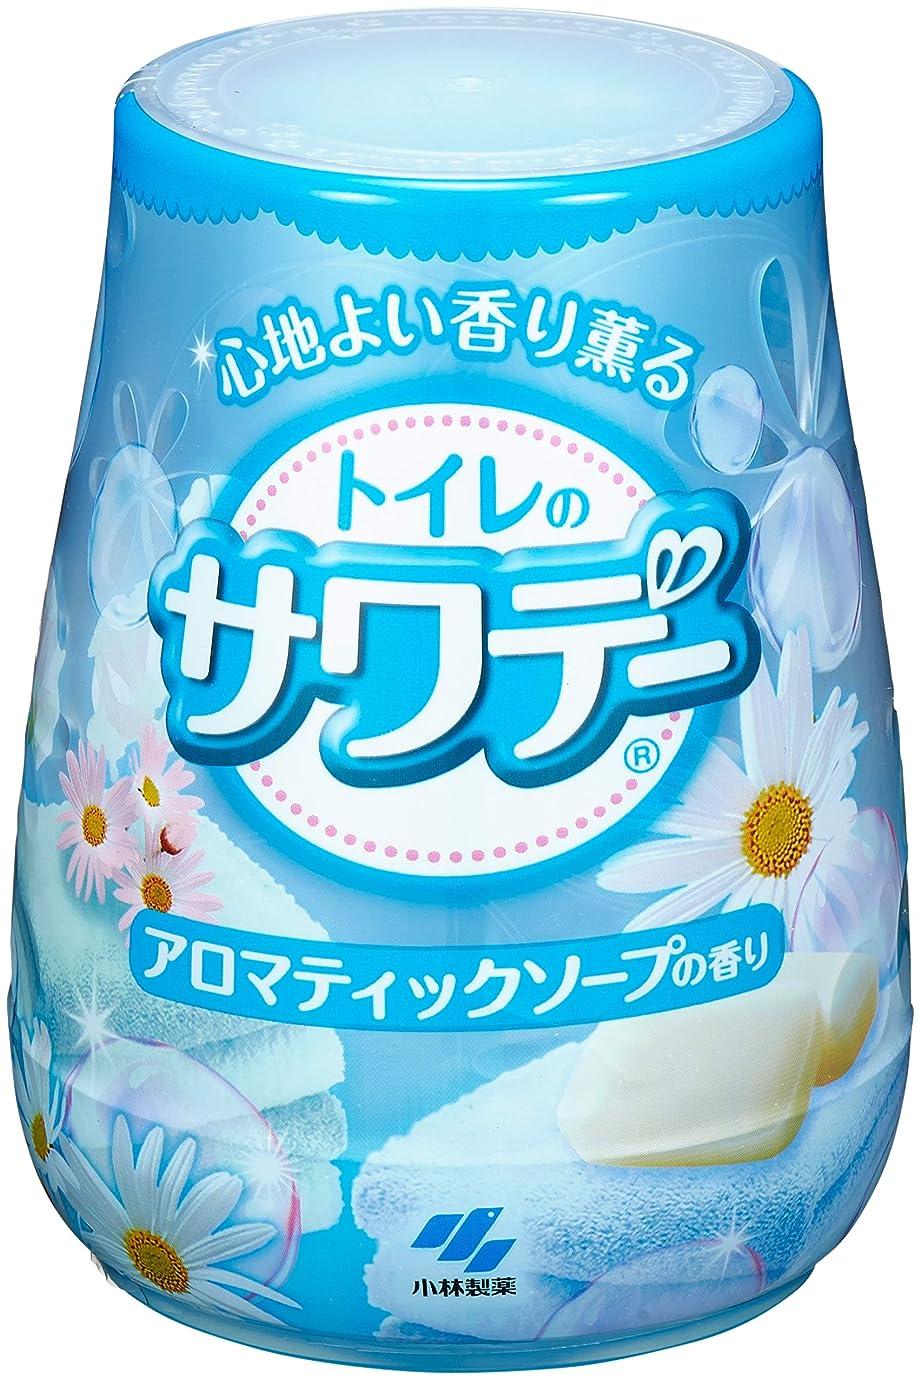 後継バイパス付けるサワデー 消臭芳香剤 トイレ用 本体 アロマティックソープの香り 140g